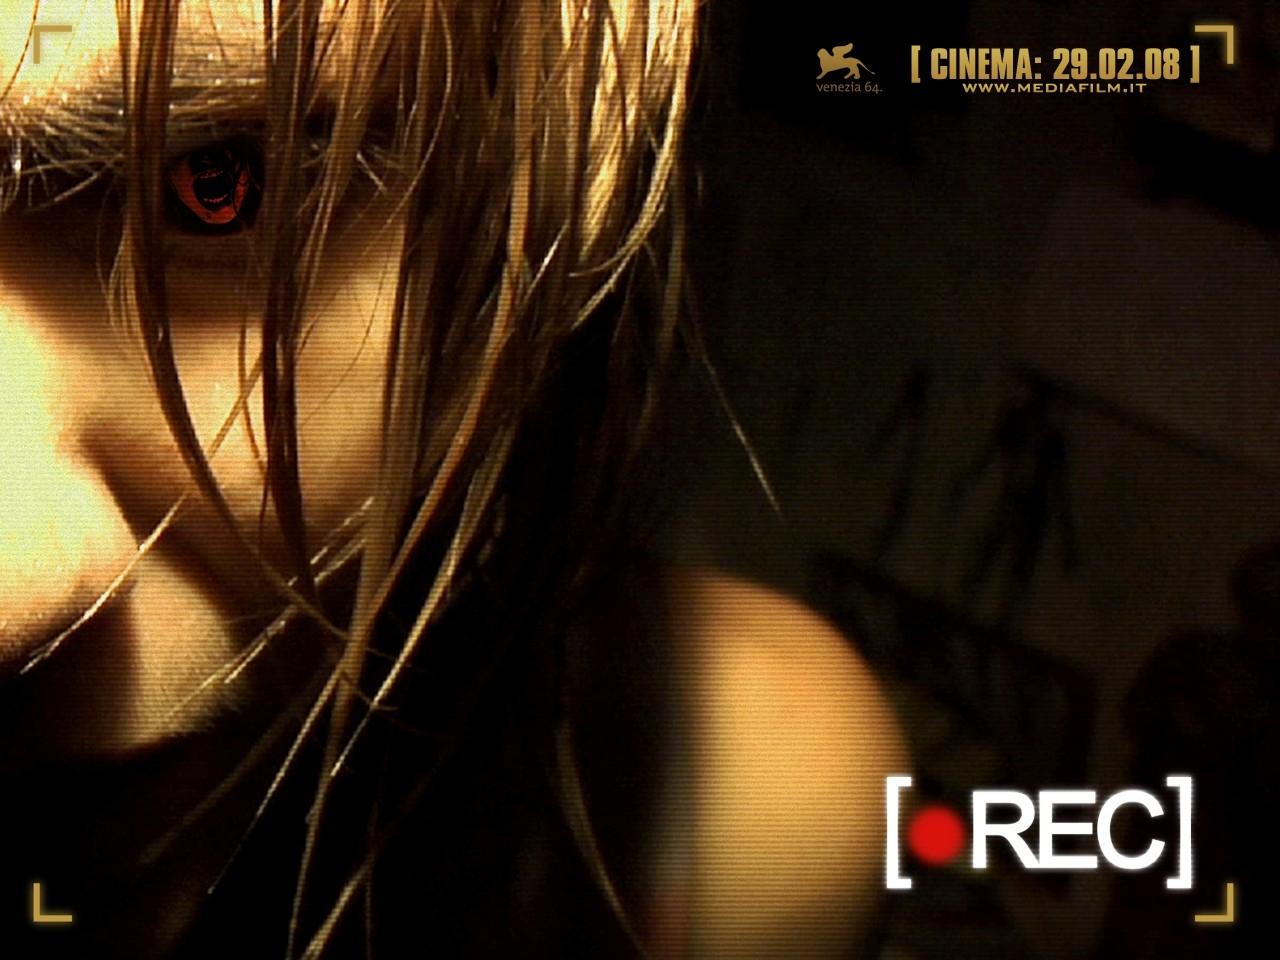 Wallpaper del film Rec - 6